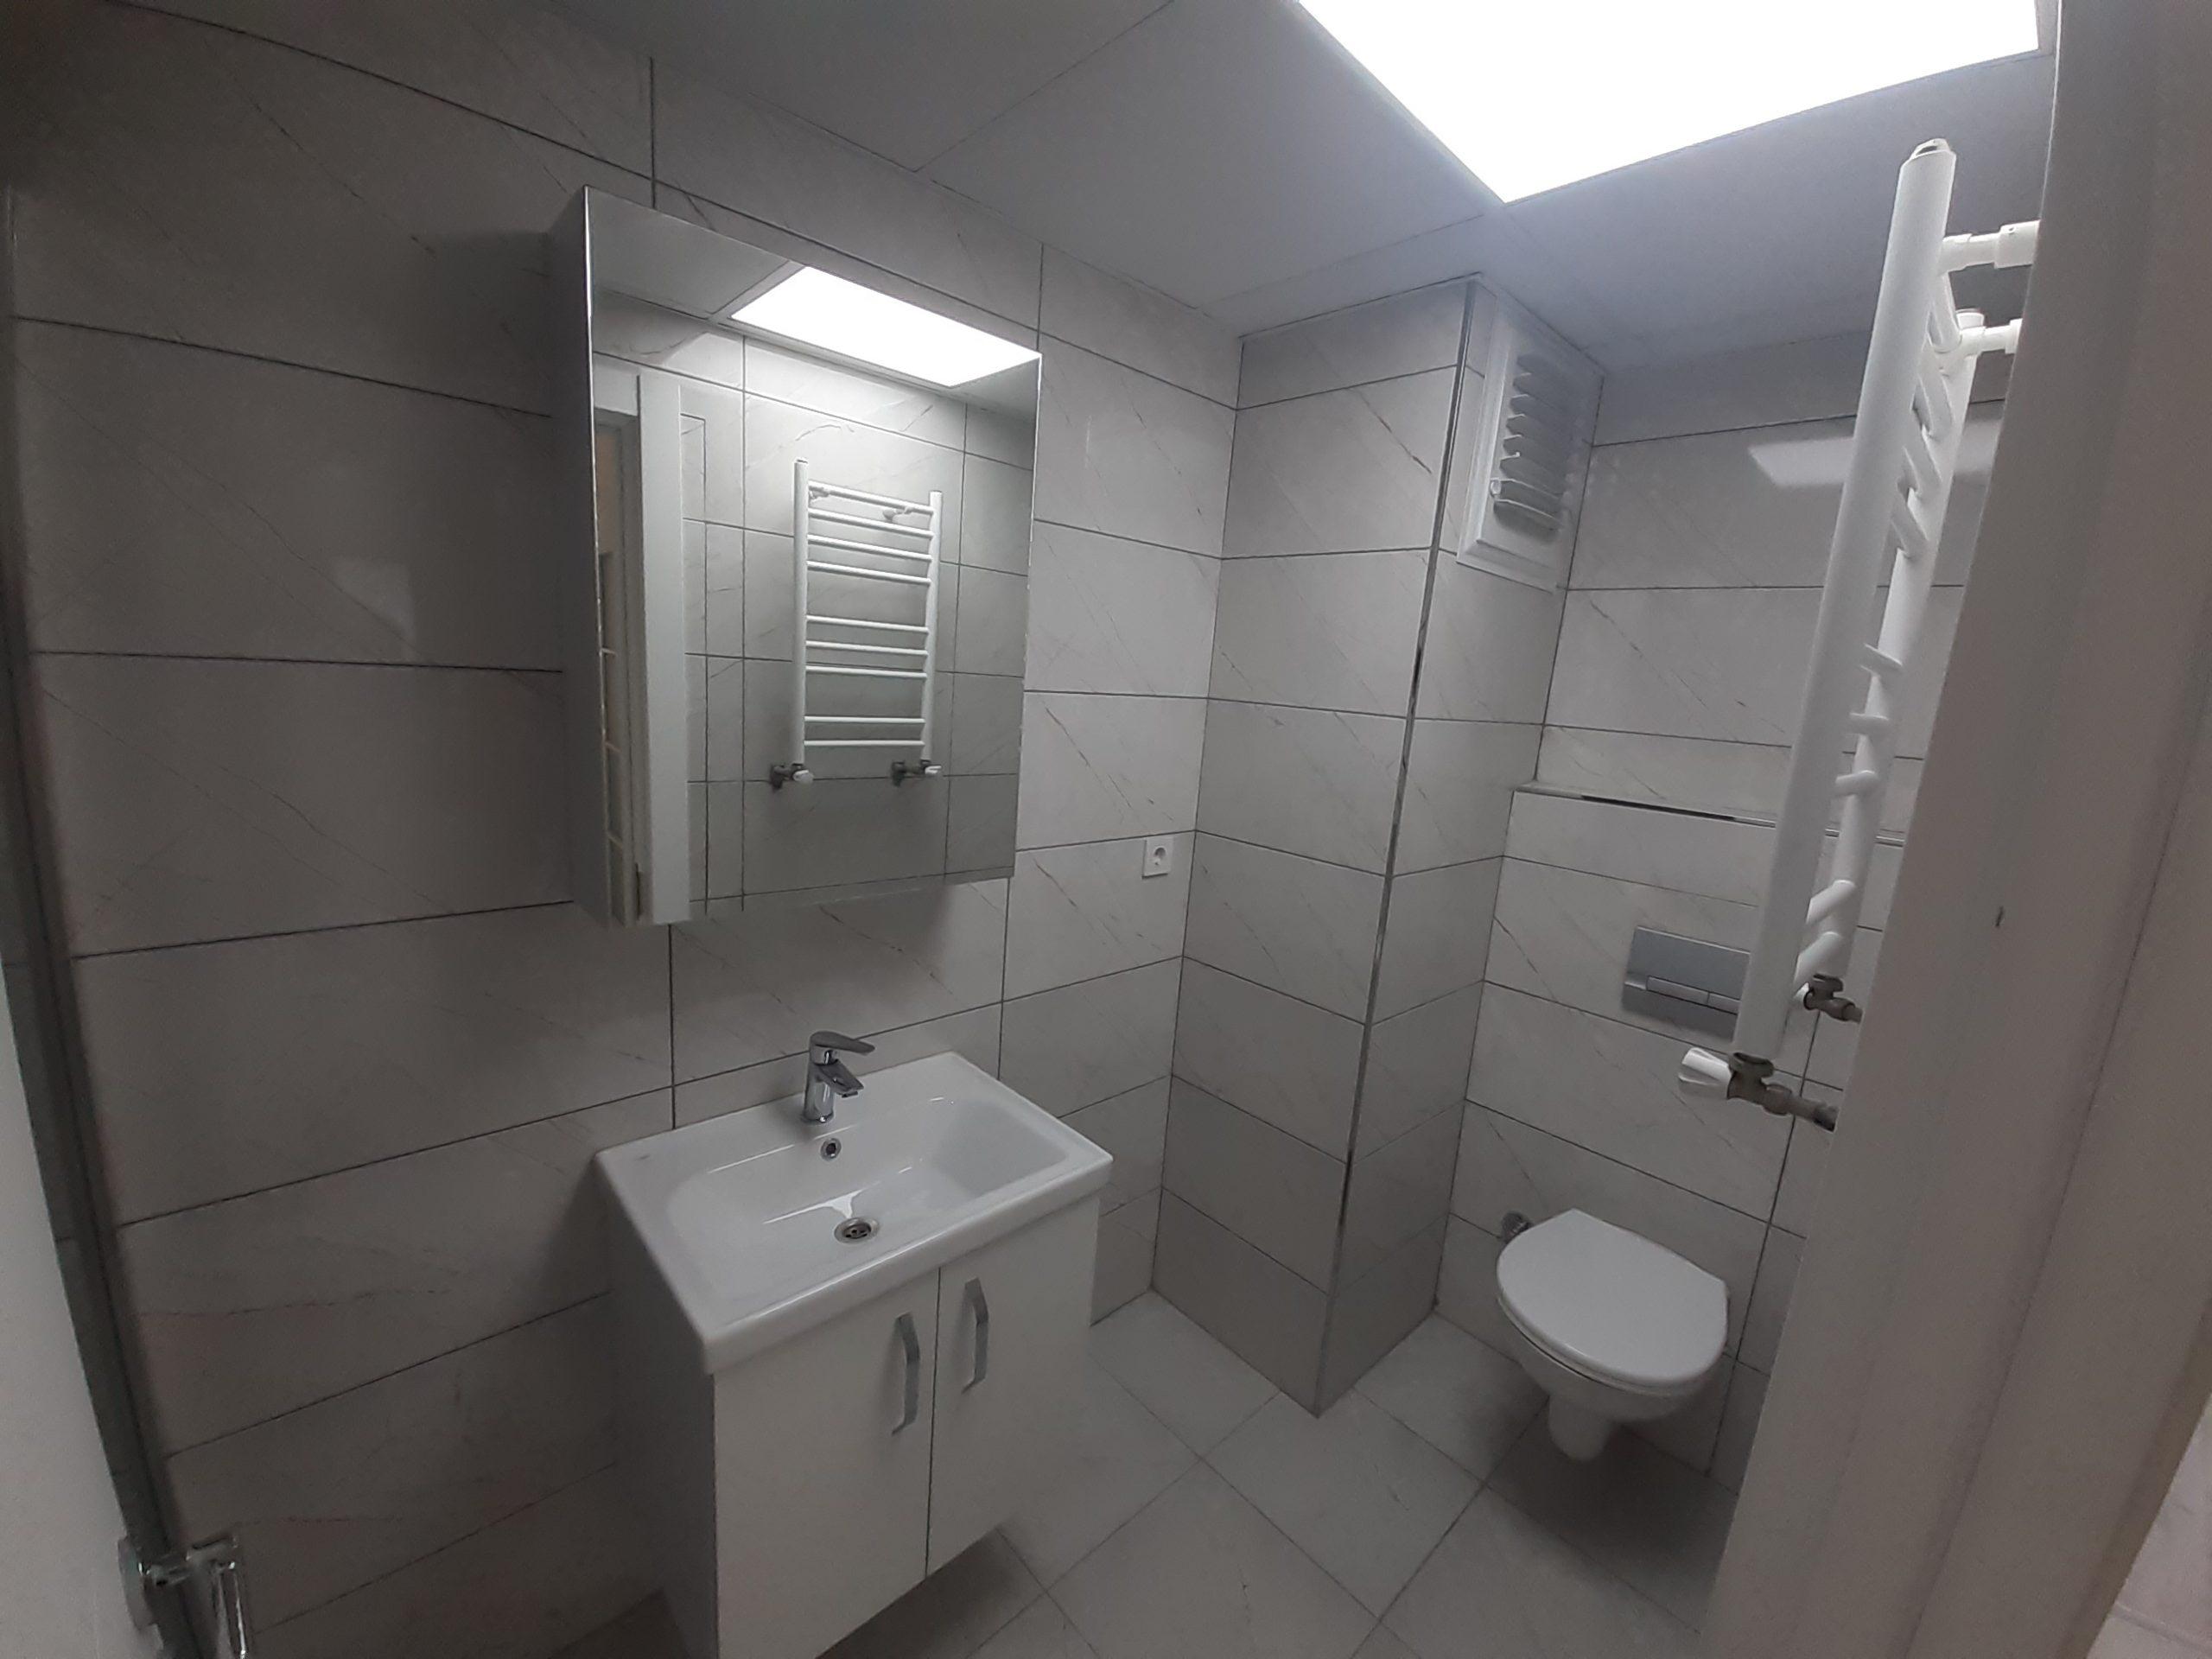 Комфортабельные апартаменты в районе Кагытхане - Фото 8